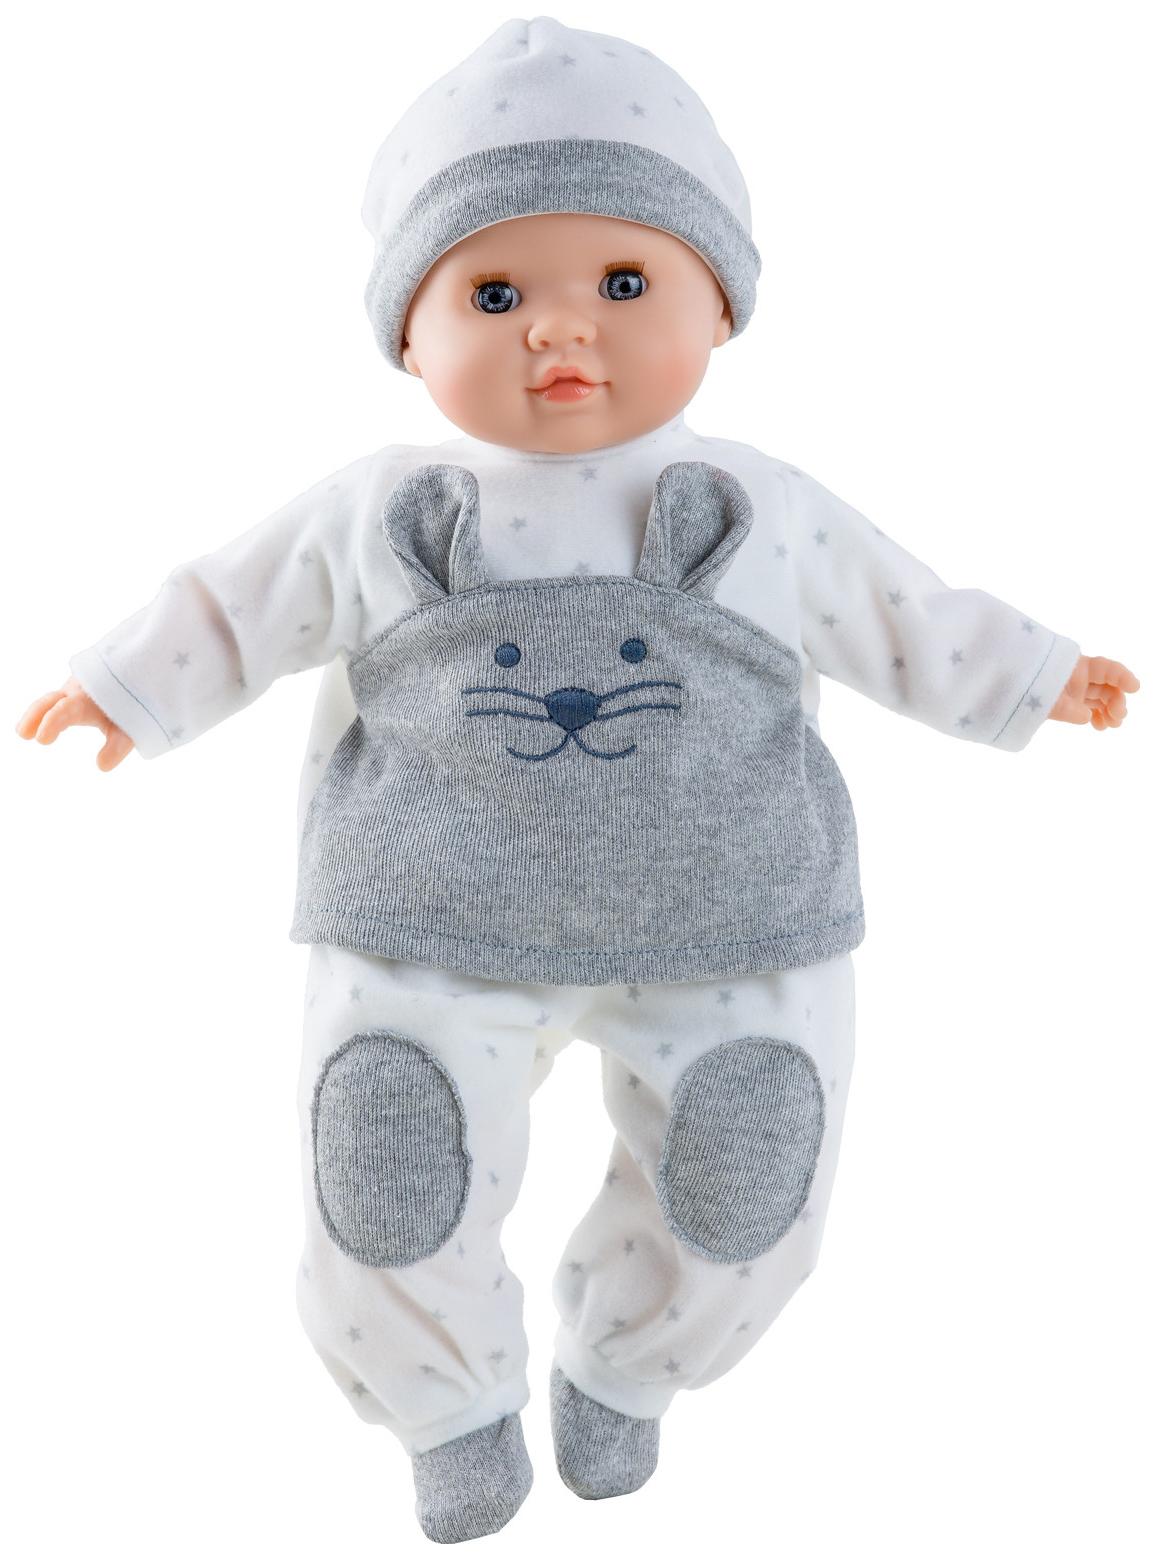 Кукла Paola Reina Хулиус, 36 см, Классические куклы  - купить со скидкой